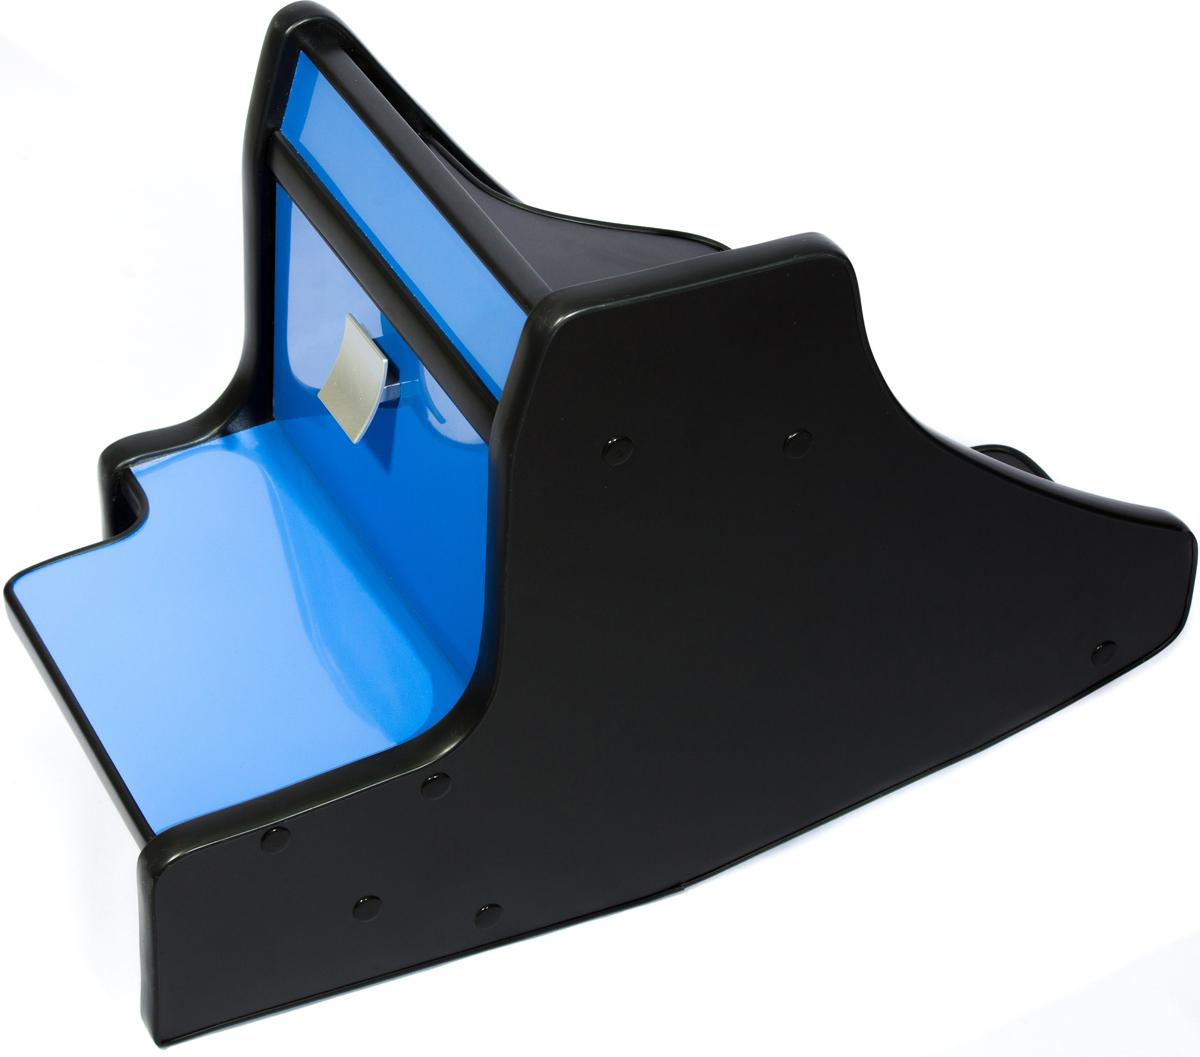 Фото - Консоль в авто АвтоБлюз для ГАЗель NEXT, ГР02806, ручка КПП на панели , глянец синий авто